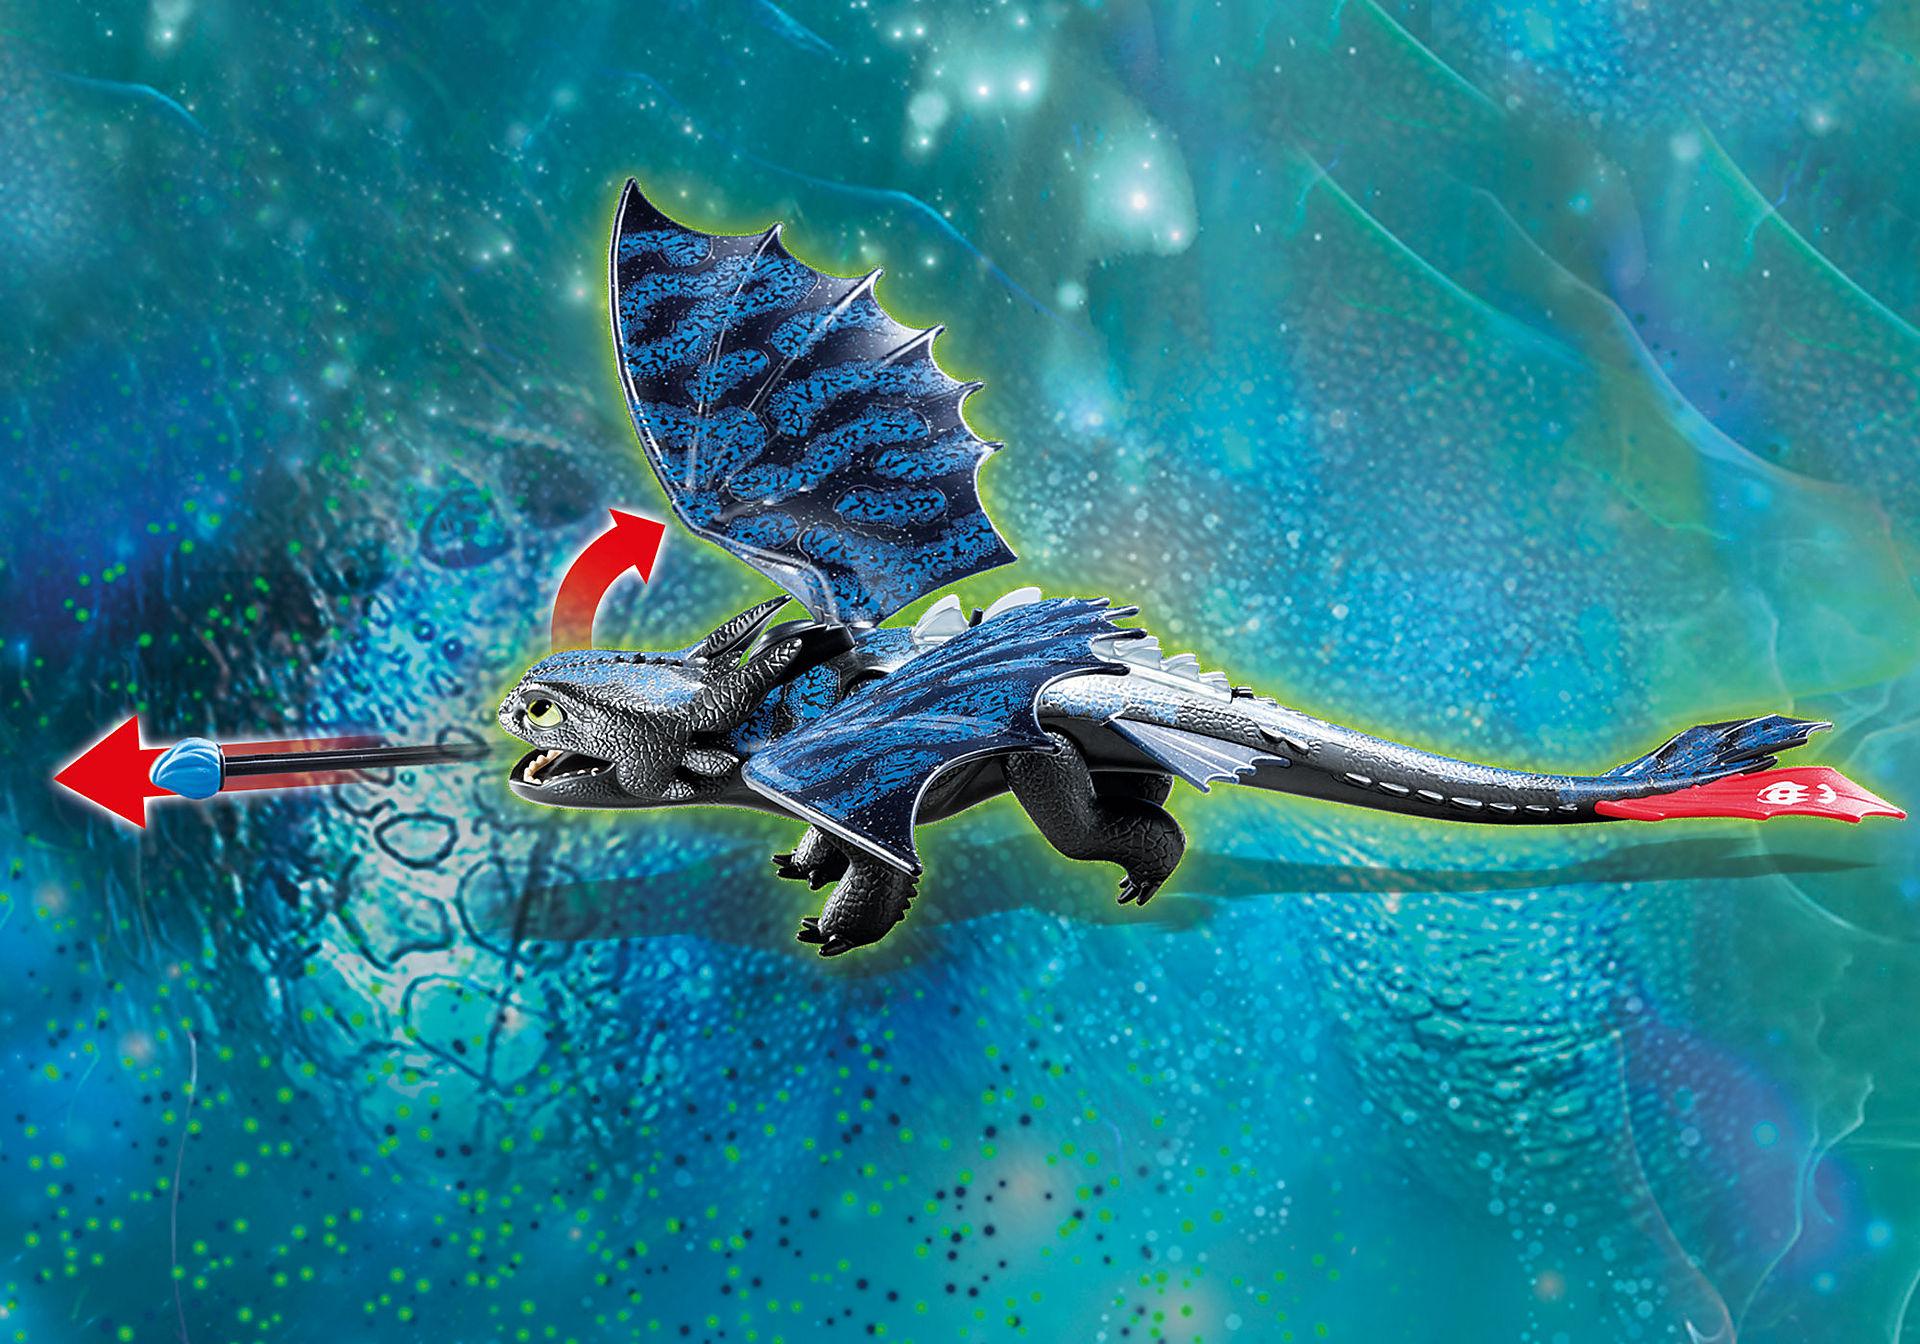 http://media.playmobil.com/i/playmobil/70037_product_extra1/Tandlöse och Hicke med drakunge